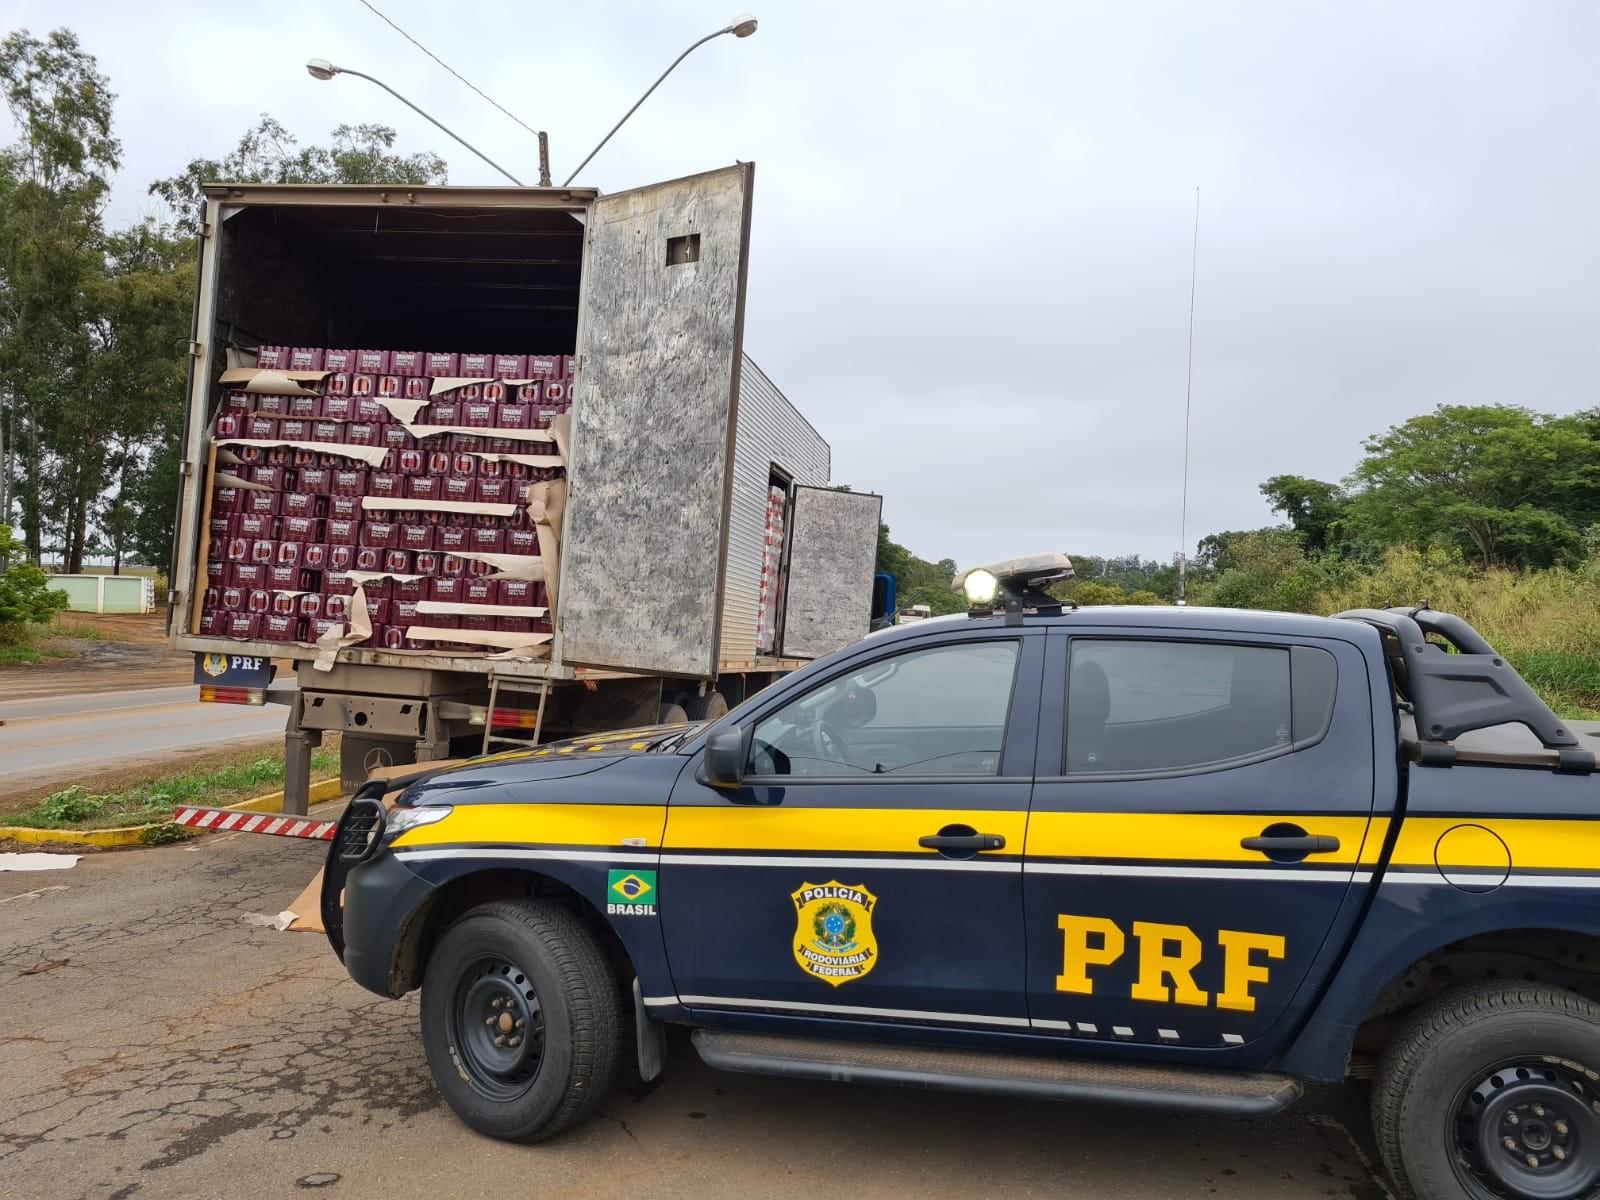 Caminhoneiro é flagrado com mais de 65 mil latas de cerveja sem nota fiscal na BR-365, em Patos de Minas